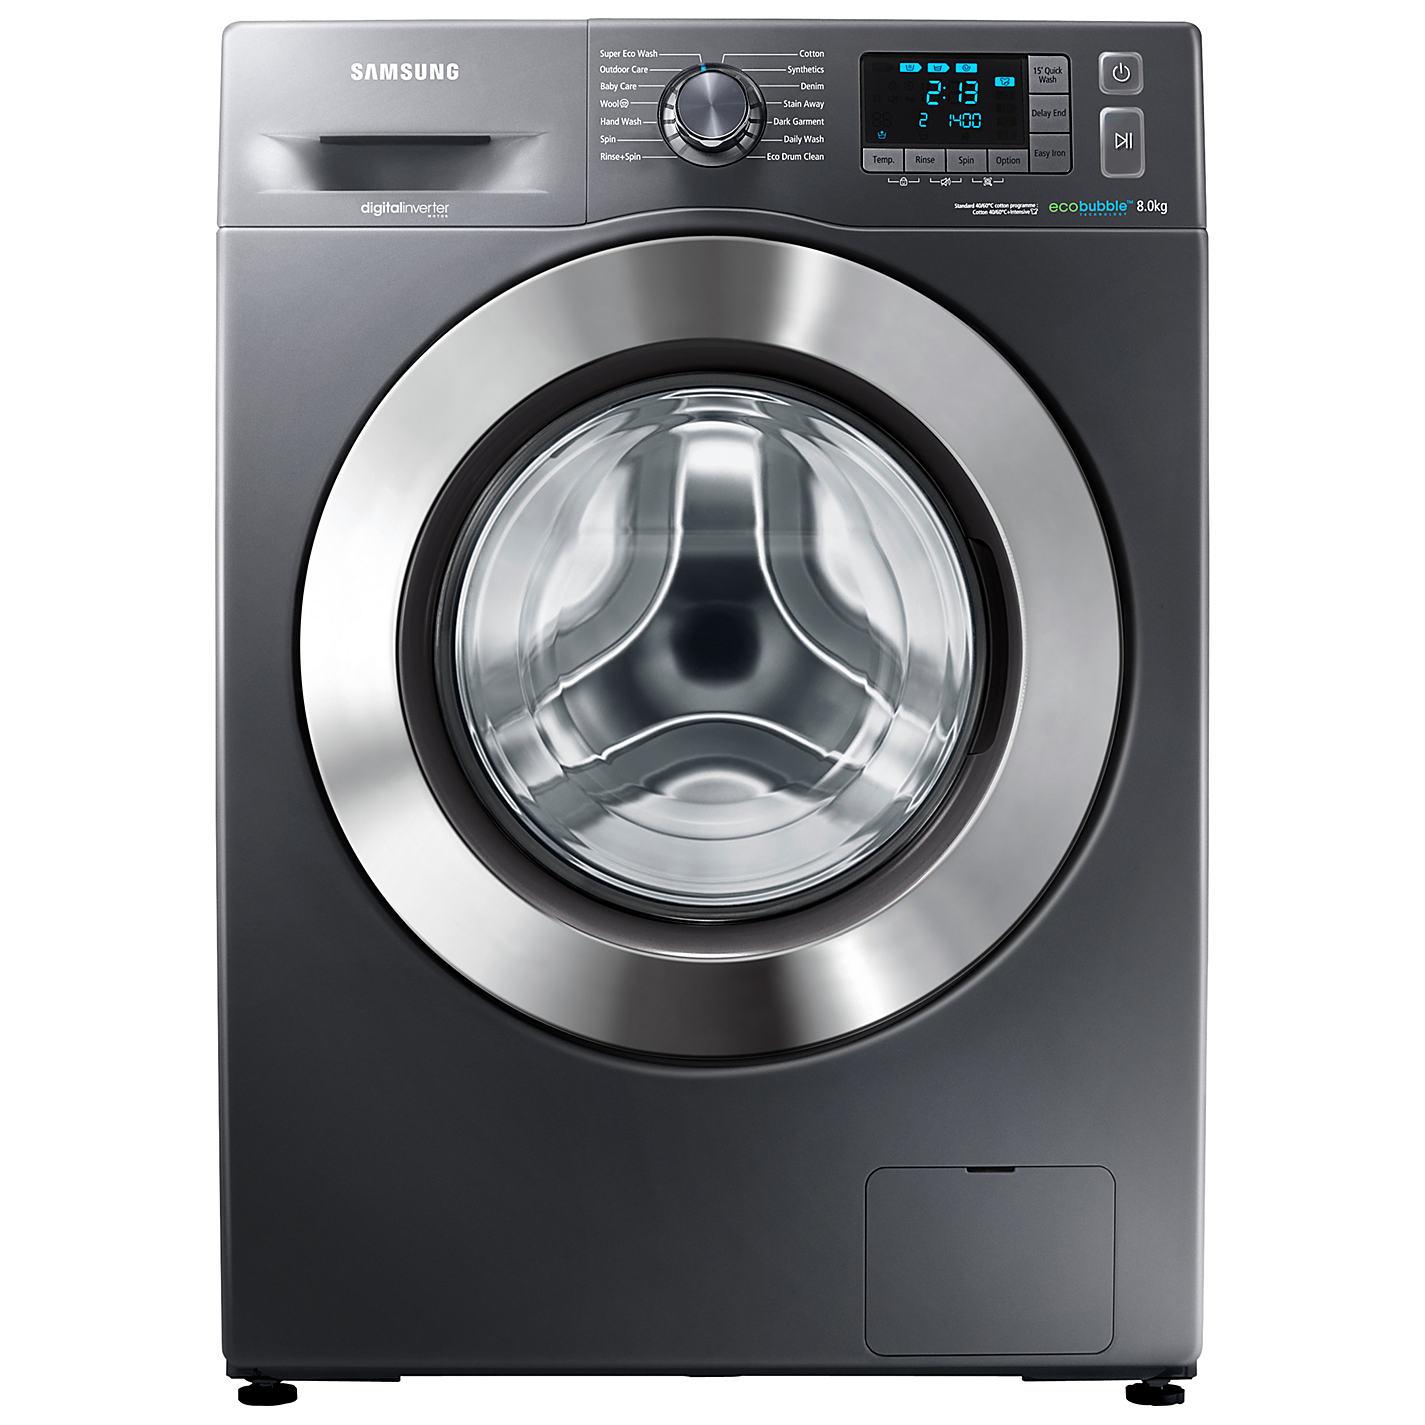 Αγορά πλυντηρίου ρούχων  Όλα όσα χρειάζεται να γνωρίζετε - Skroutz.gr be62ed8e871